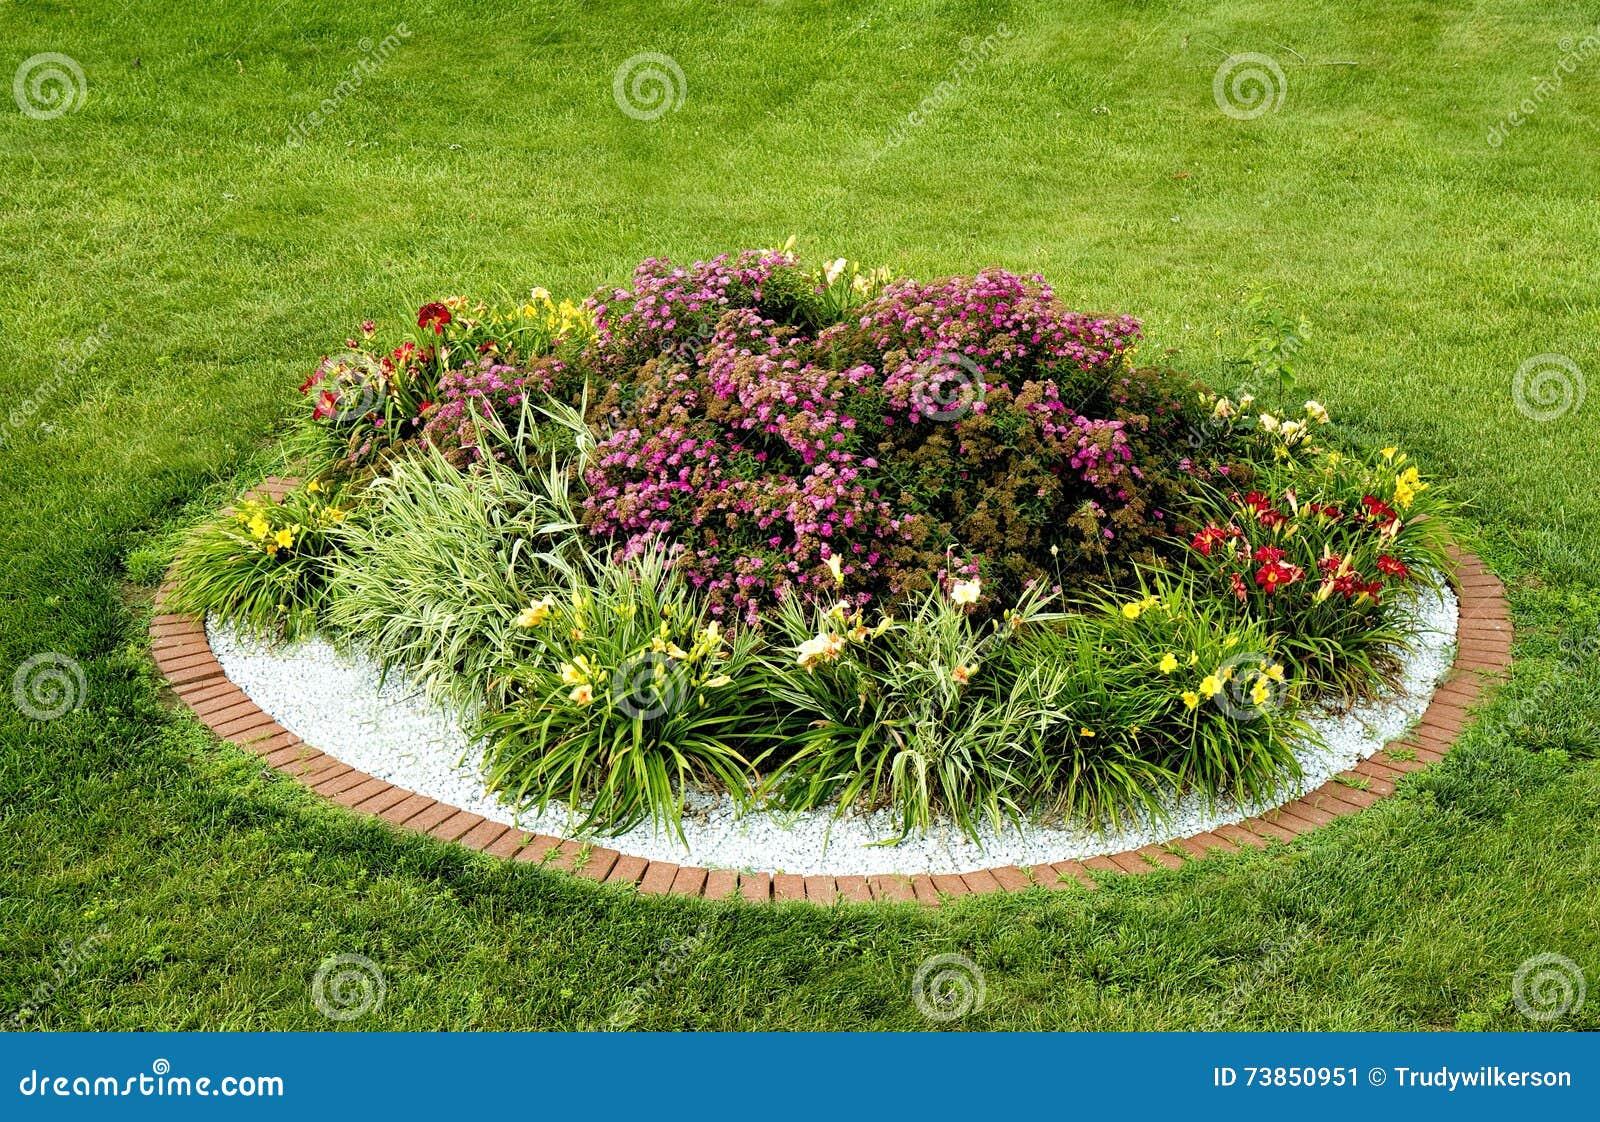 73850951 - Como decorar el jardin de mi casa ...